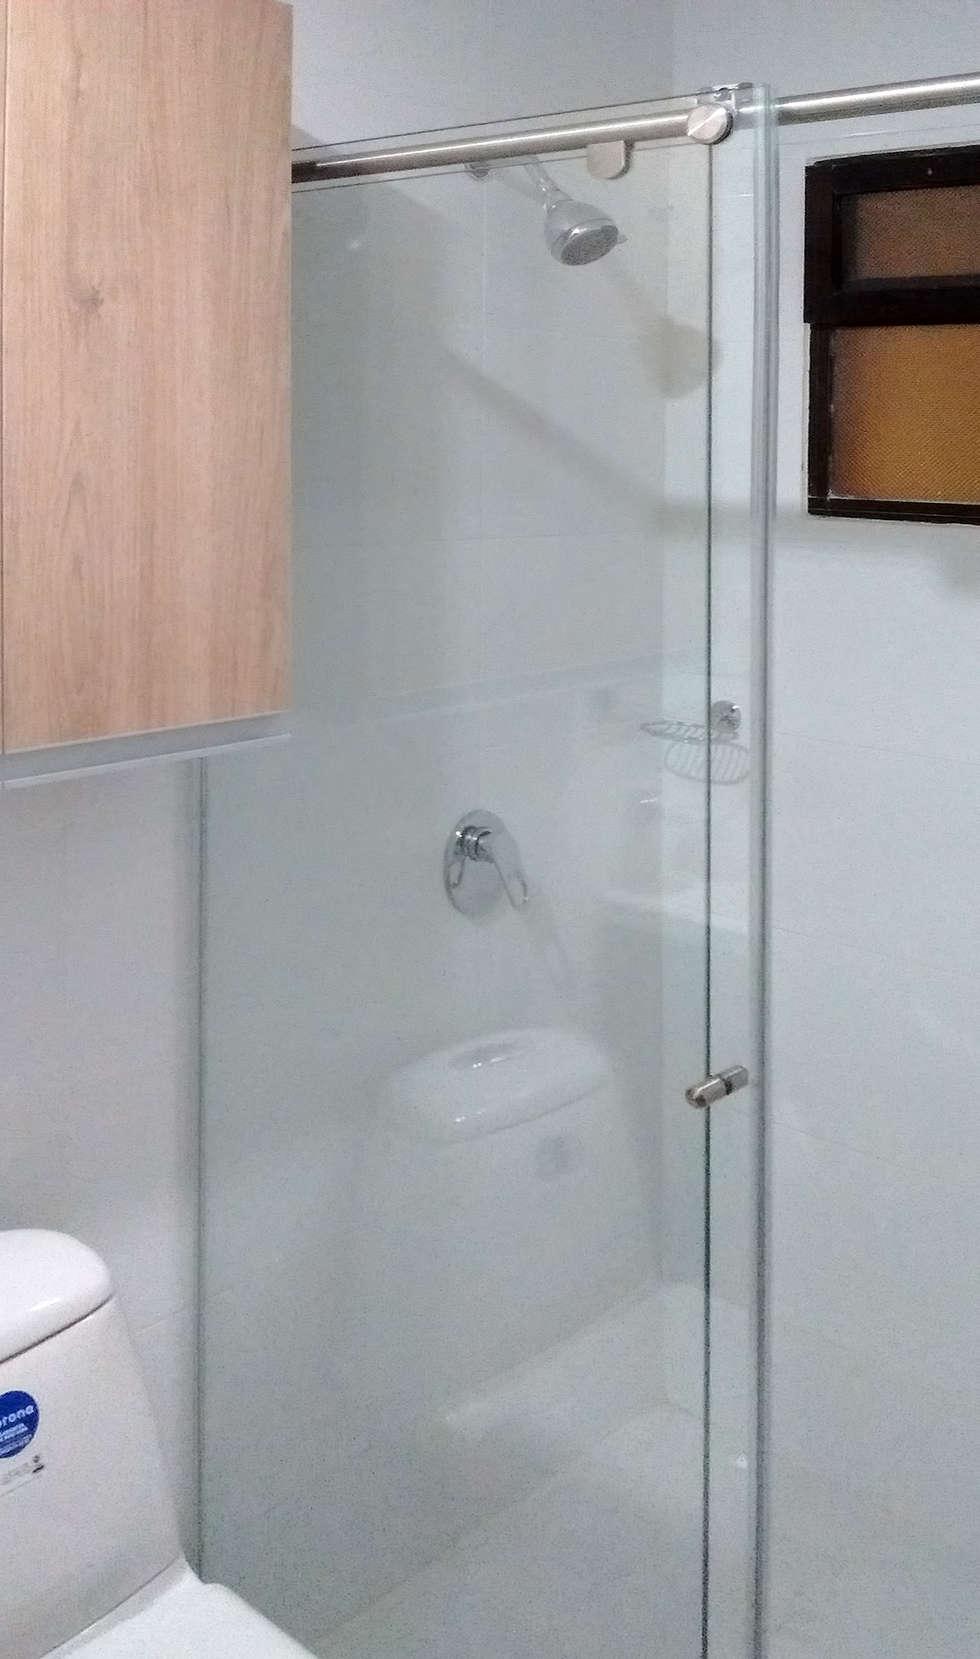 División de baño: Baños de estilo moderno por Remodelar Proyectos Integrales